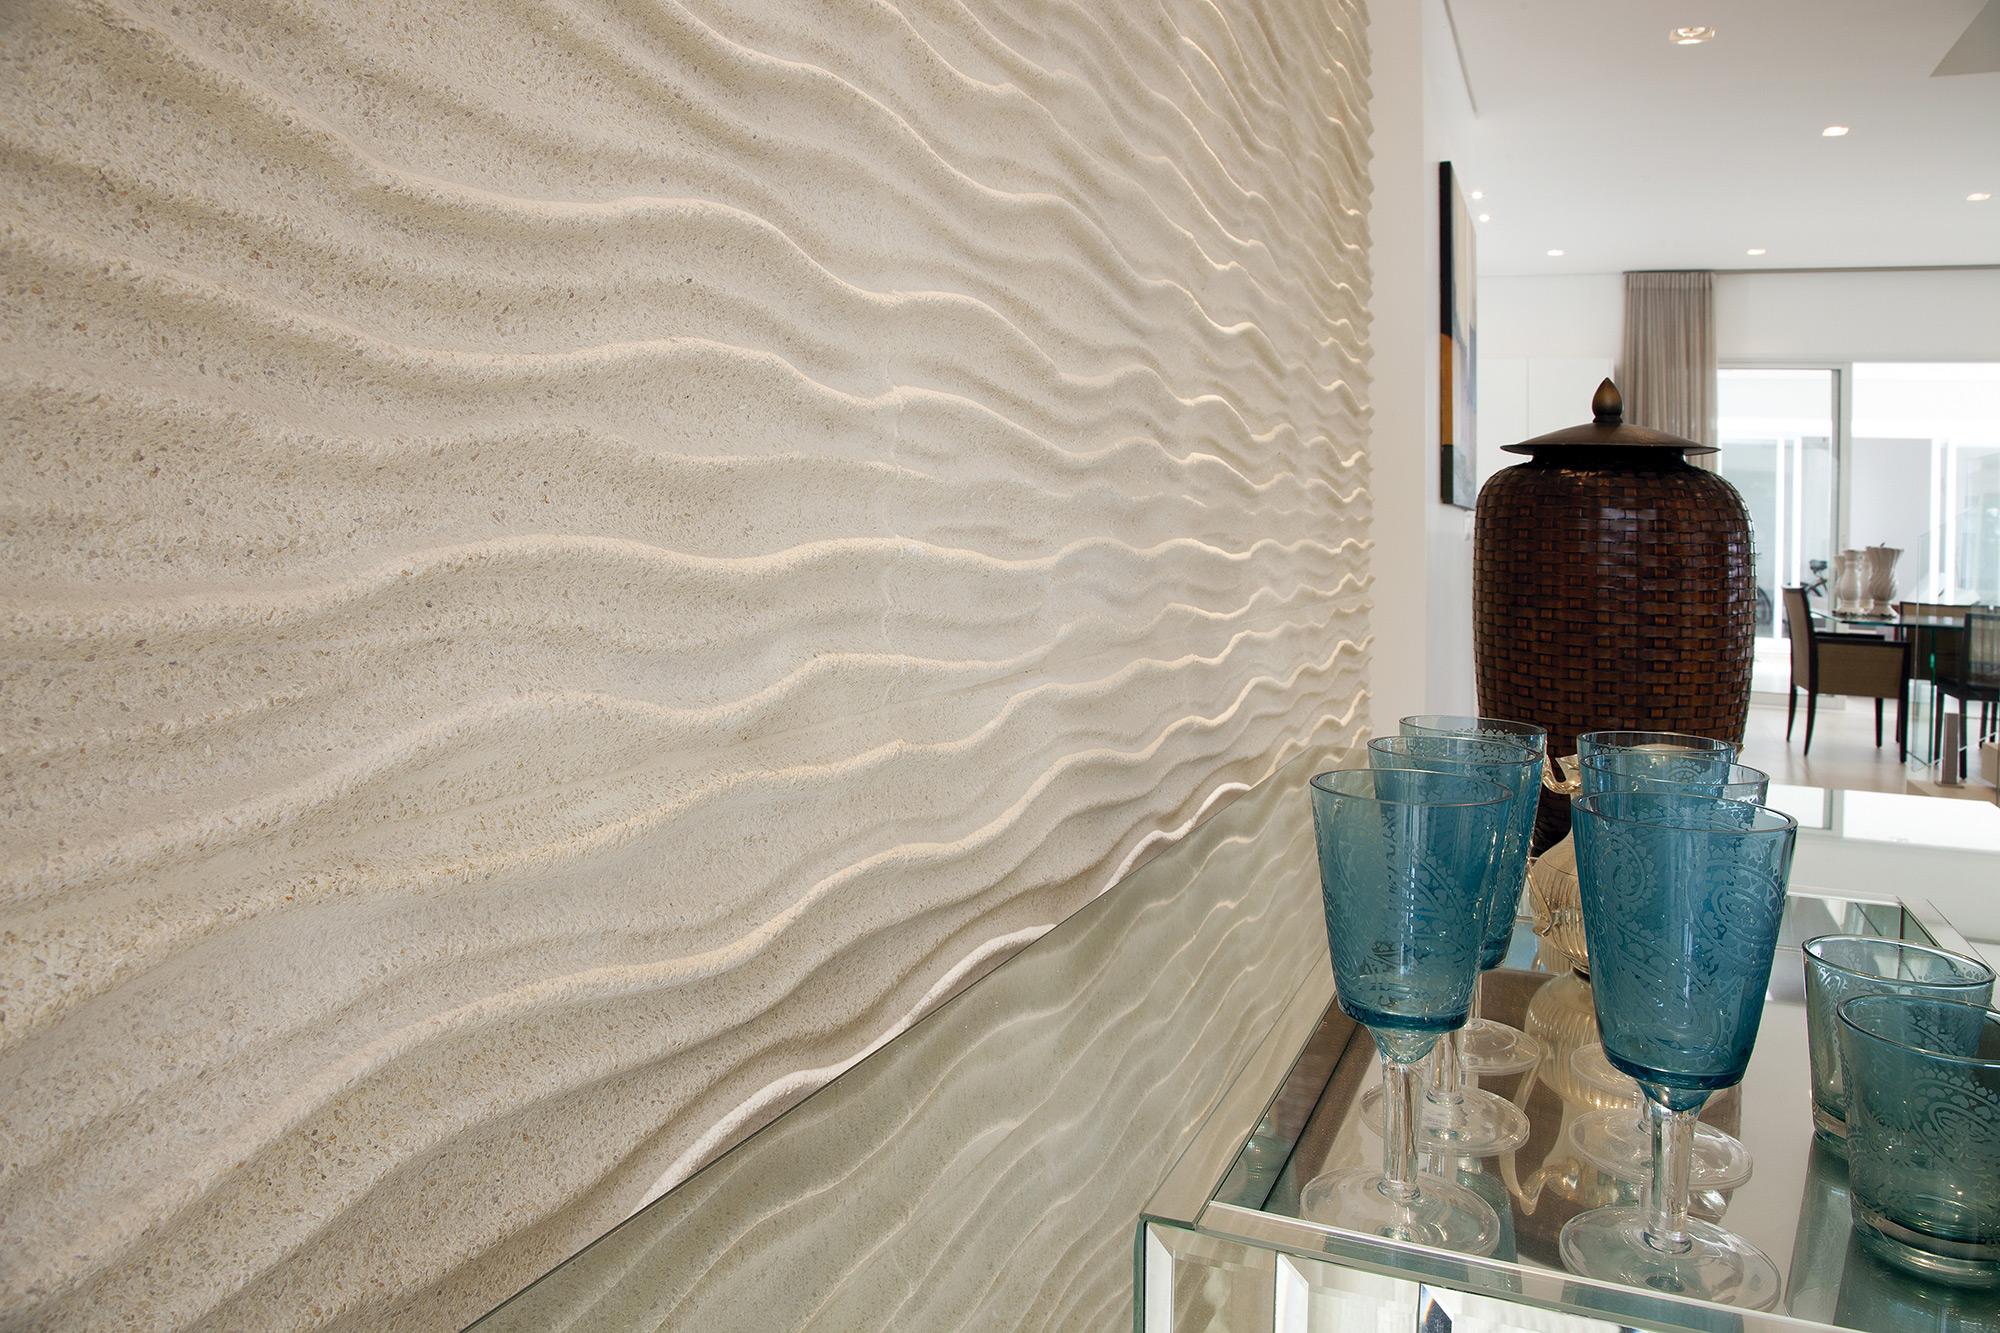 Espaço revestido com Duna Crystalli Fino Areia, projeto do Arquiteto Rogerio Perez